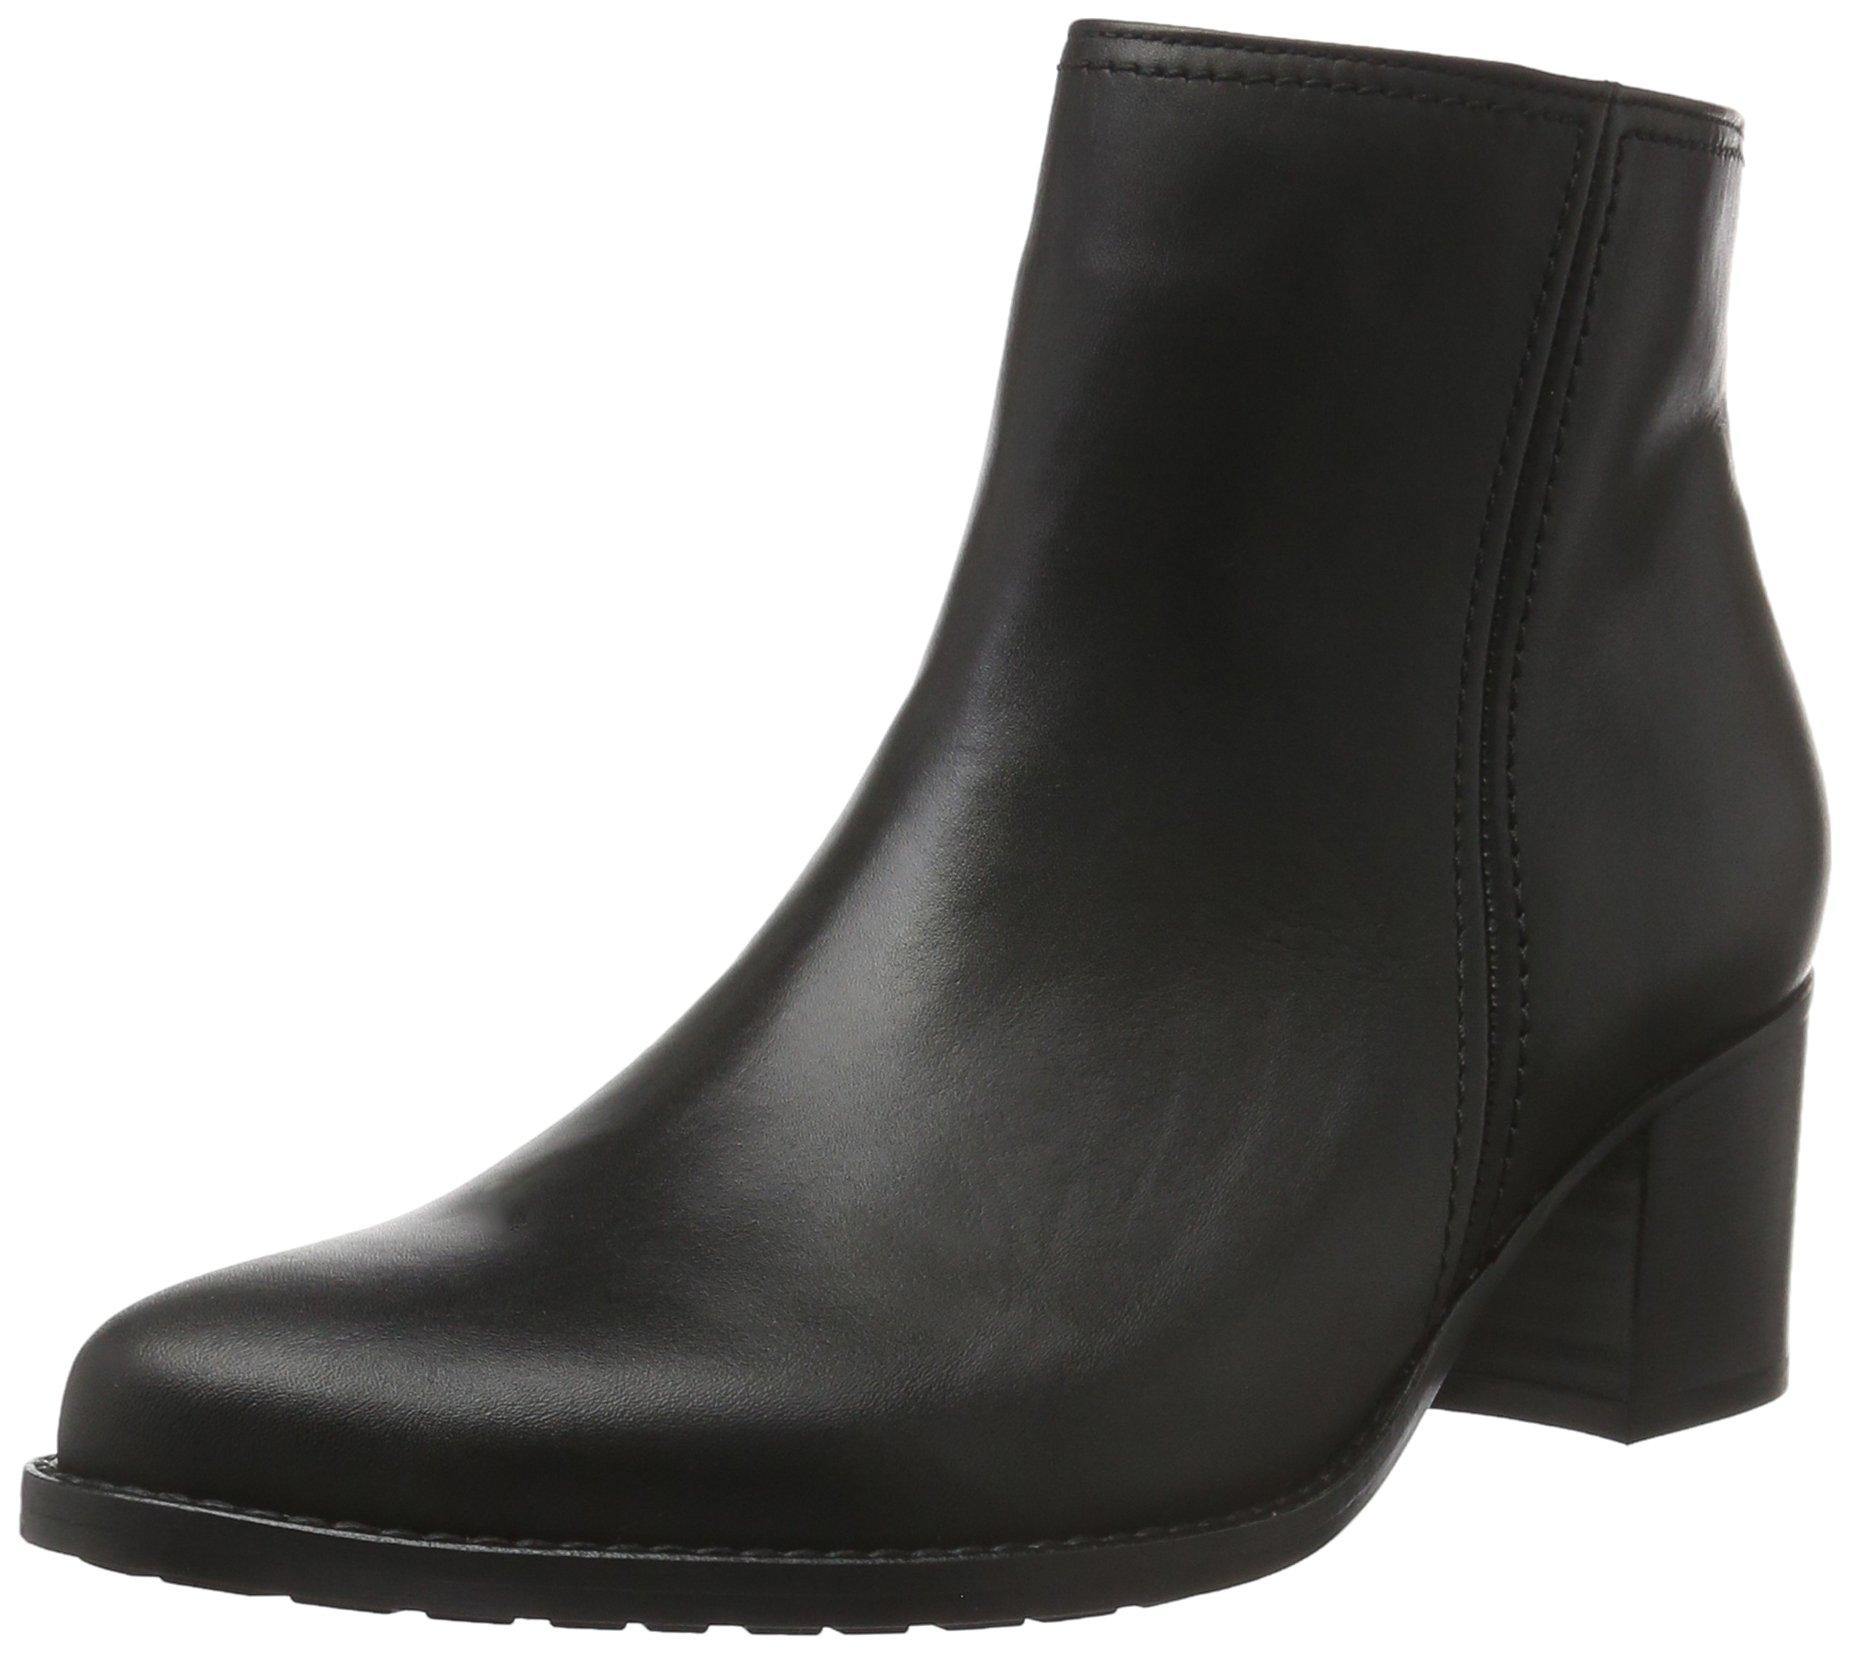 Shoes Classiques Eu Gabor Bottes FemmeNoir40 5 690 51 b6Yyf7g